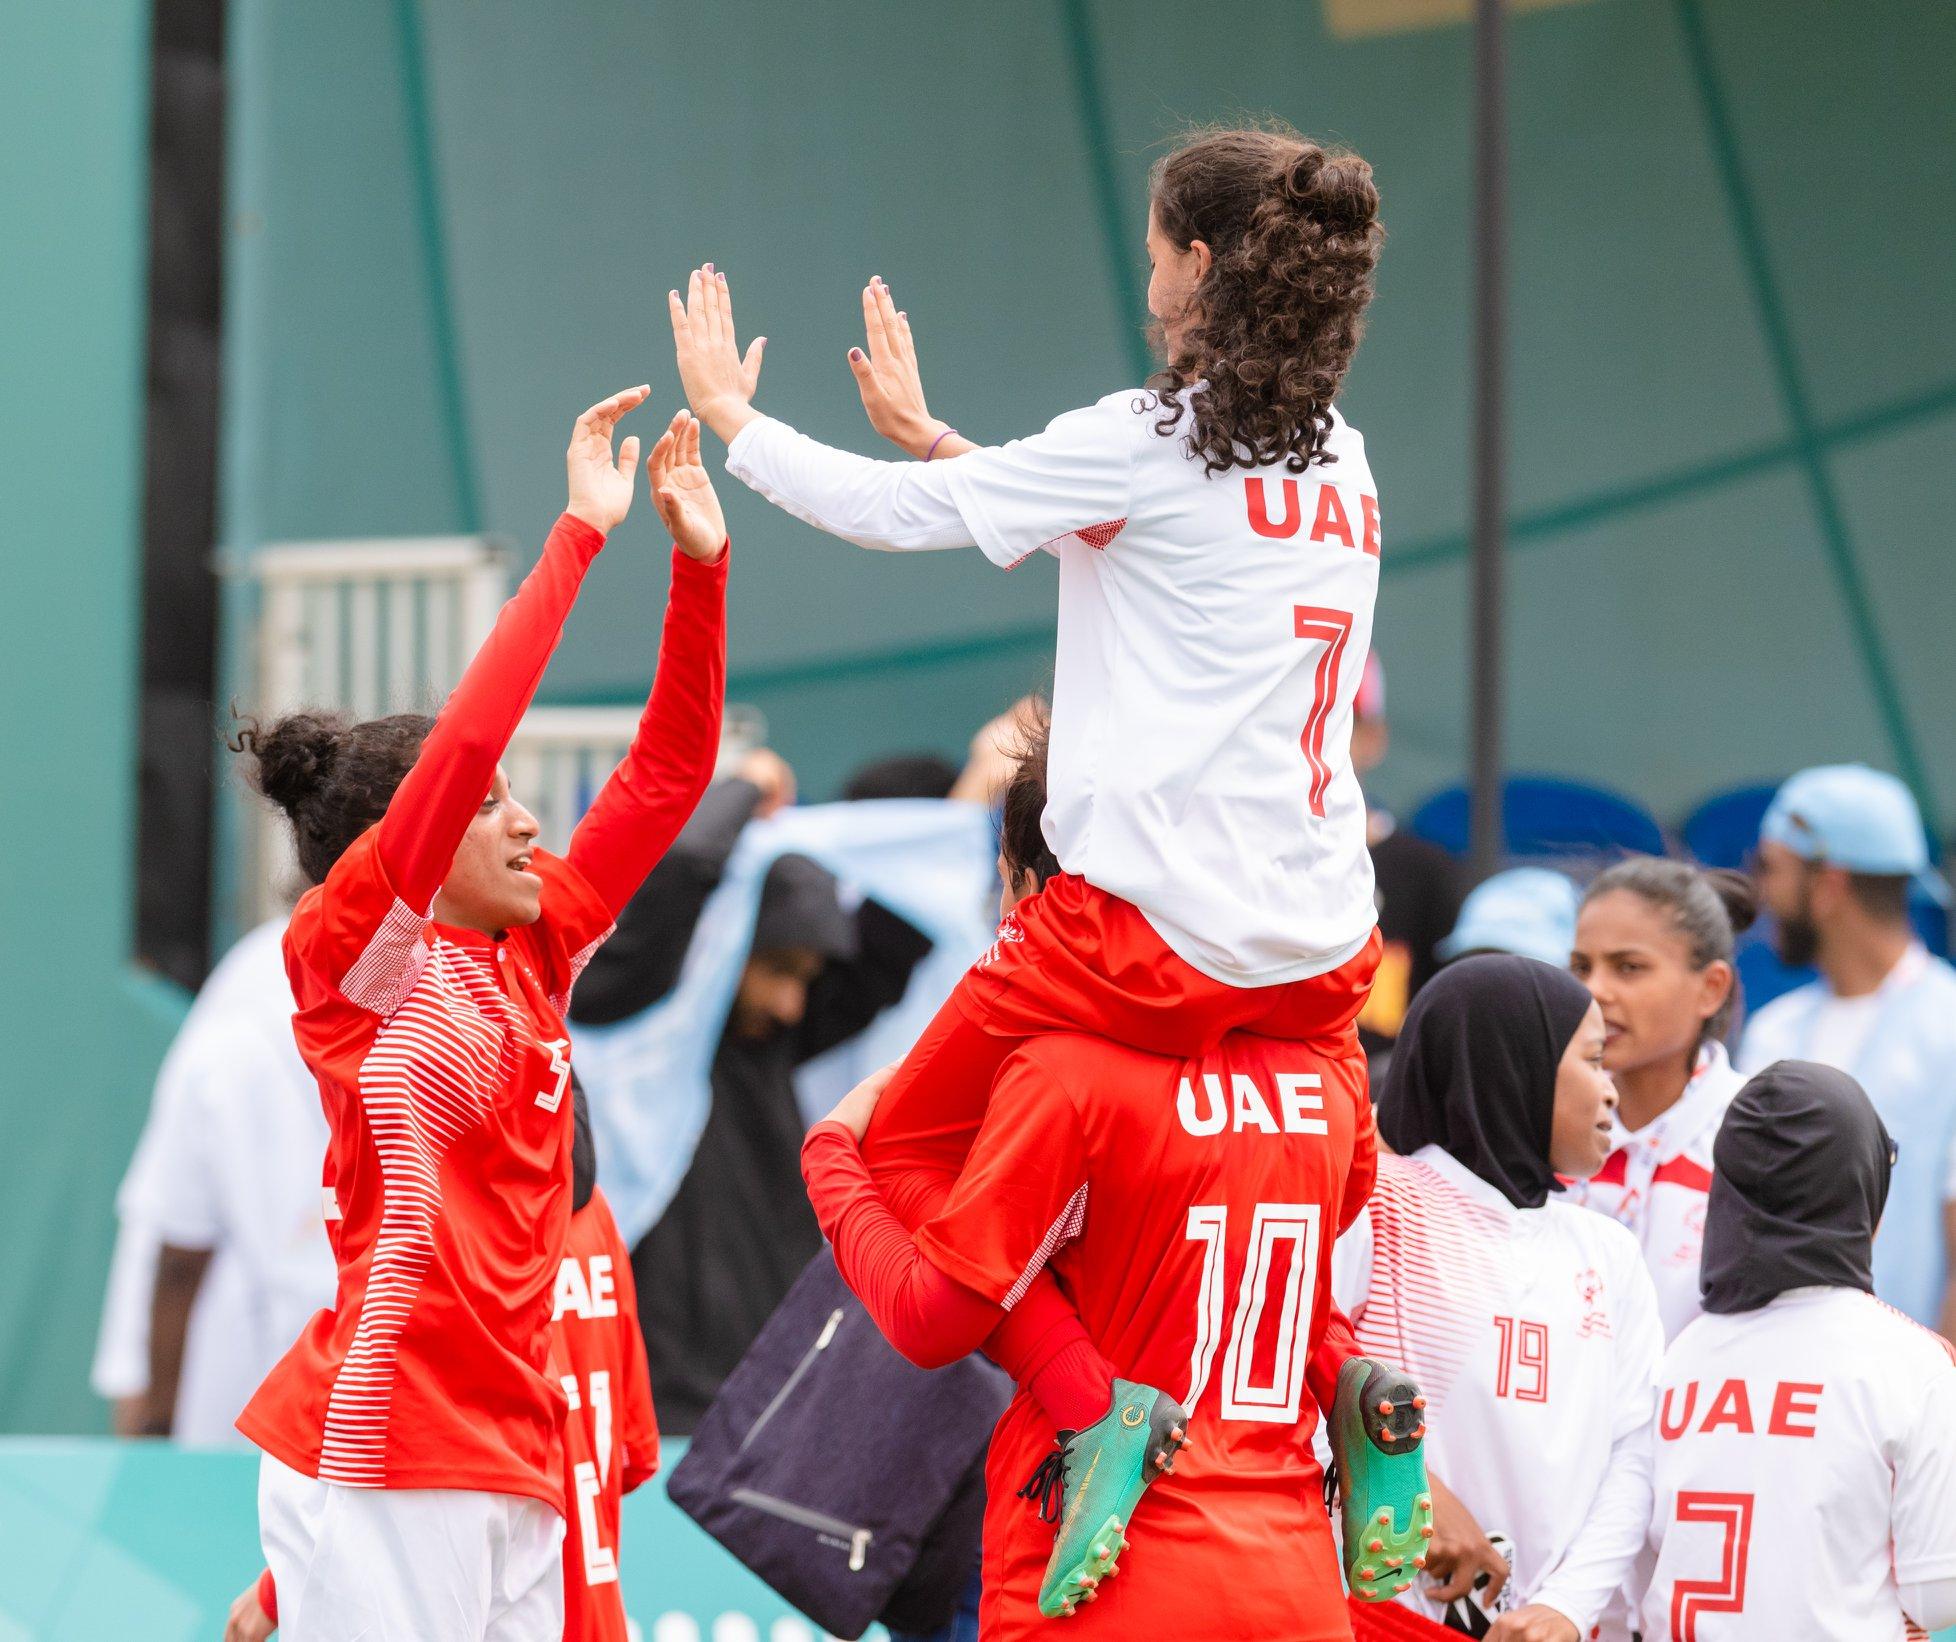 Day 3 - Zayed Sports City